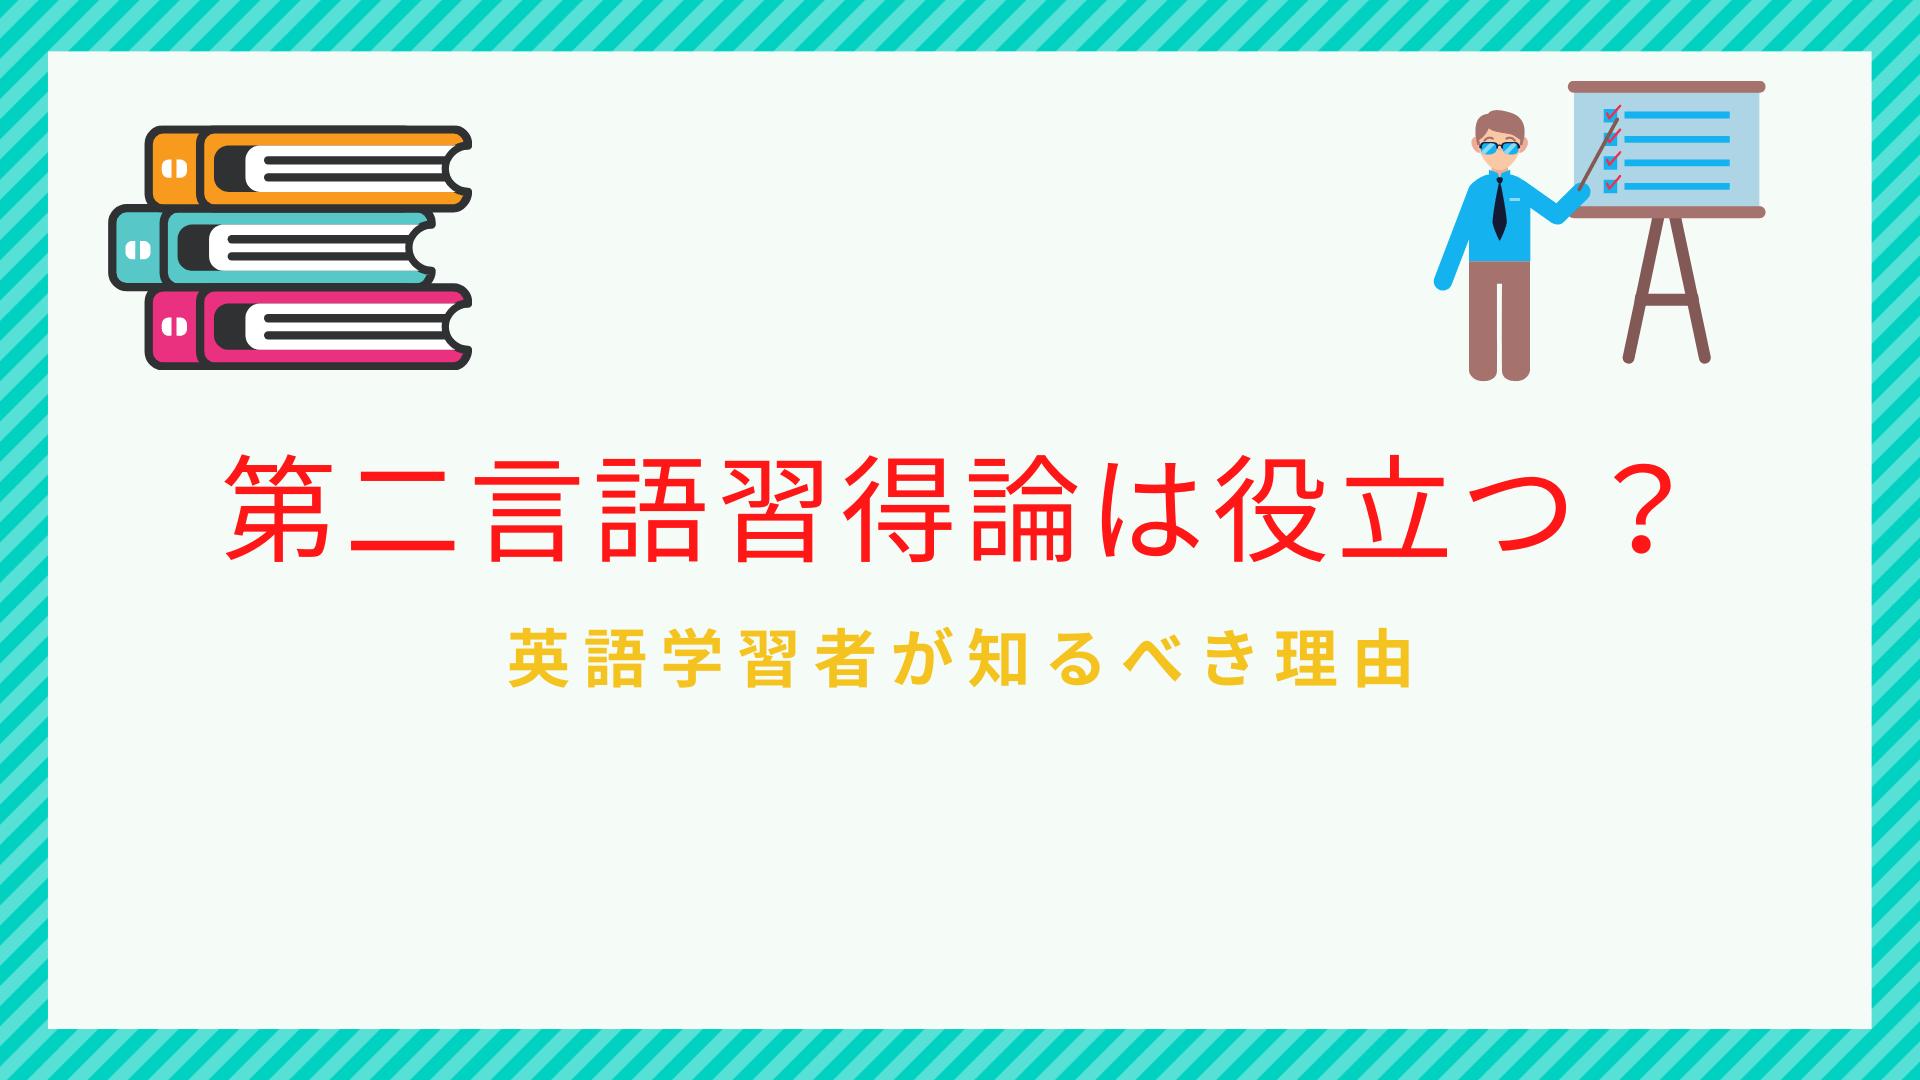 第二言語習得論は役に立つ?英語学習者が知るべき理由とは【必見!】